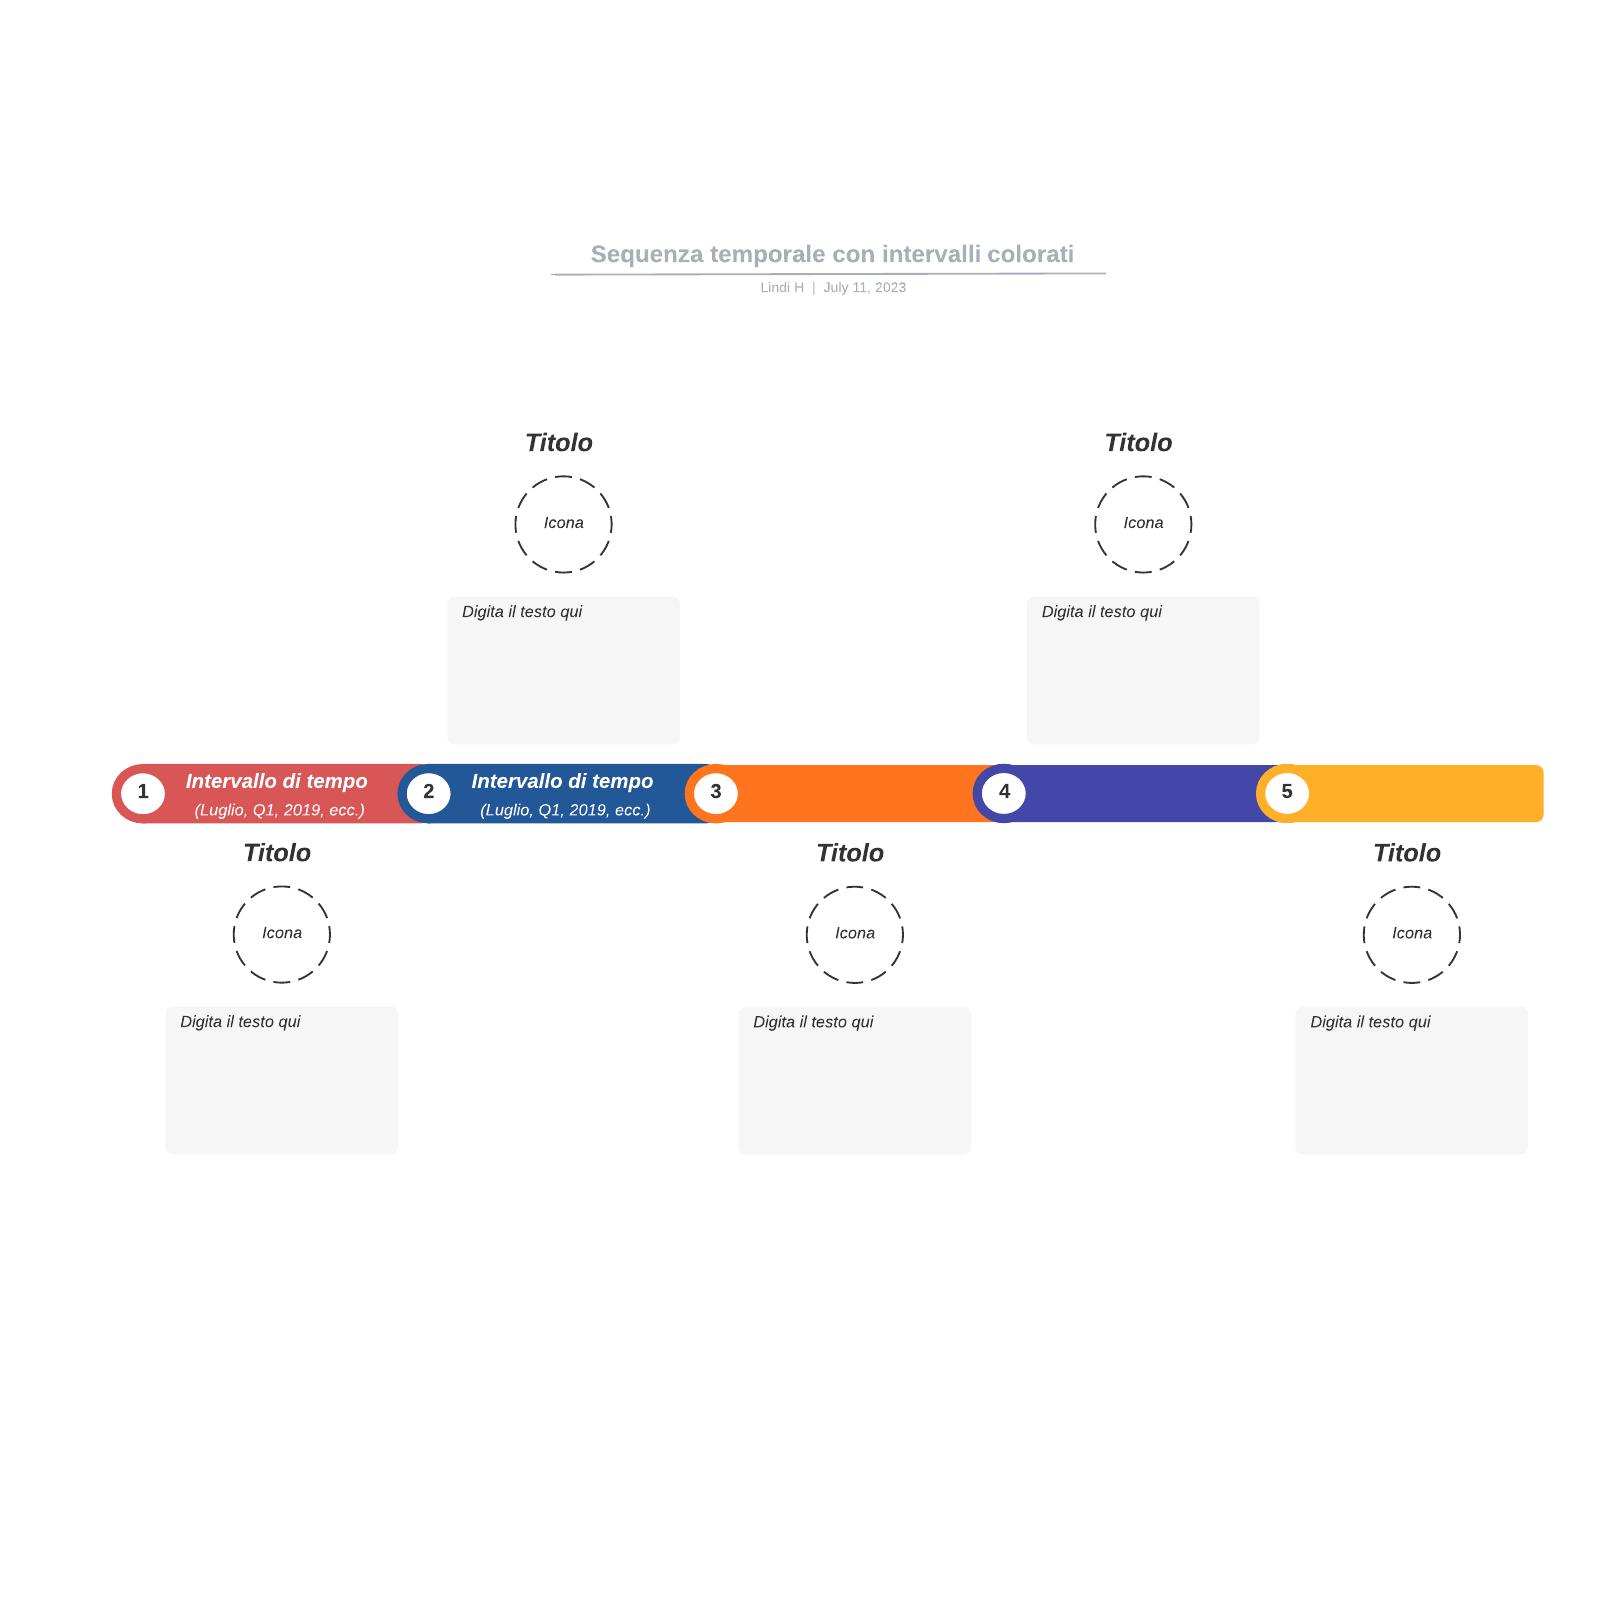 Sequenza temporale con intervalli colorati